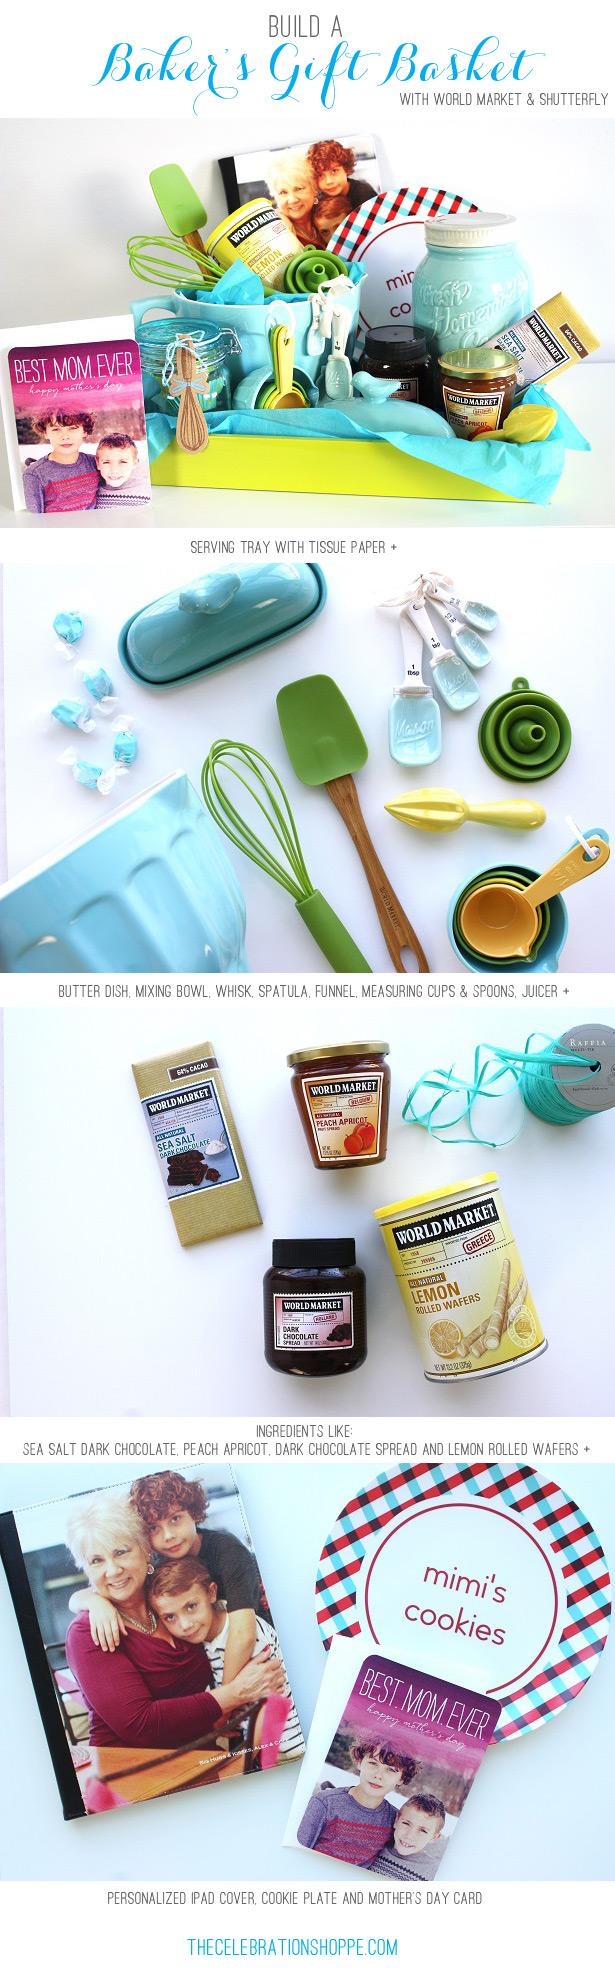 Build a baker's gift basket